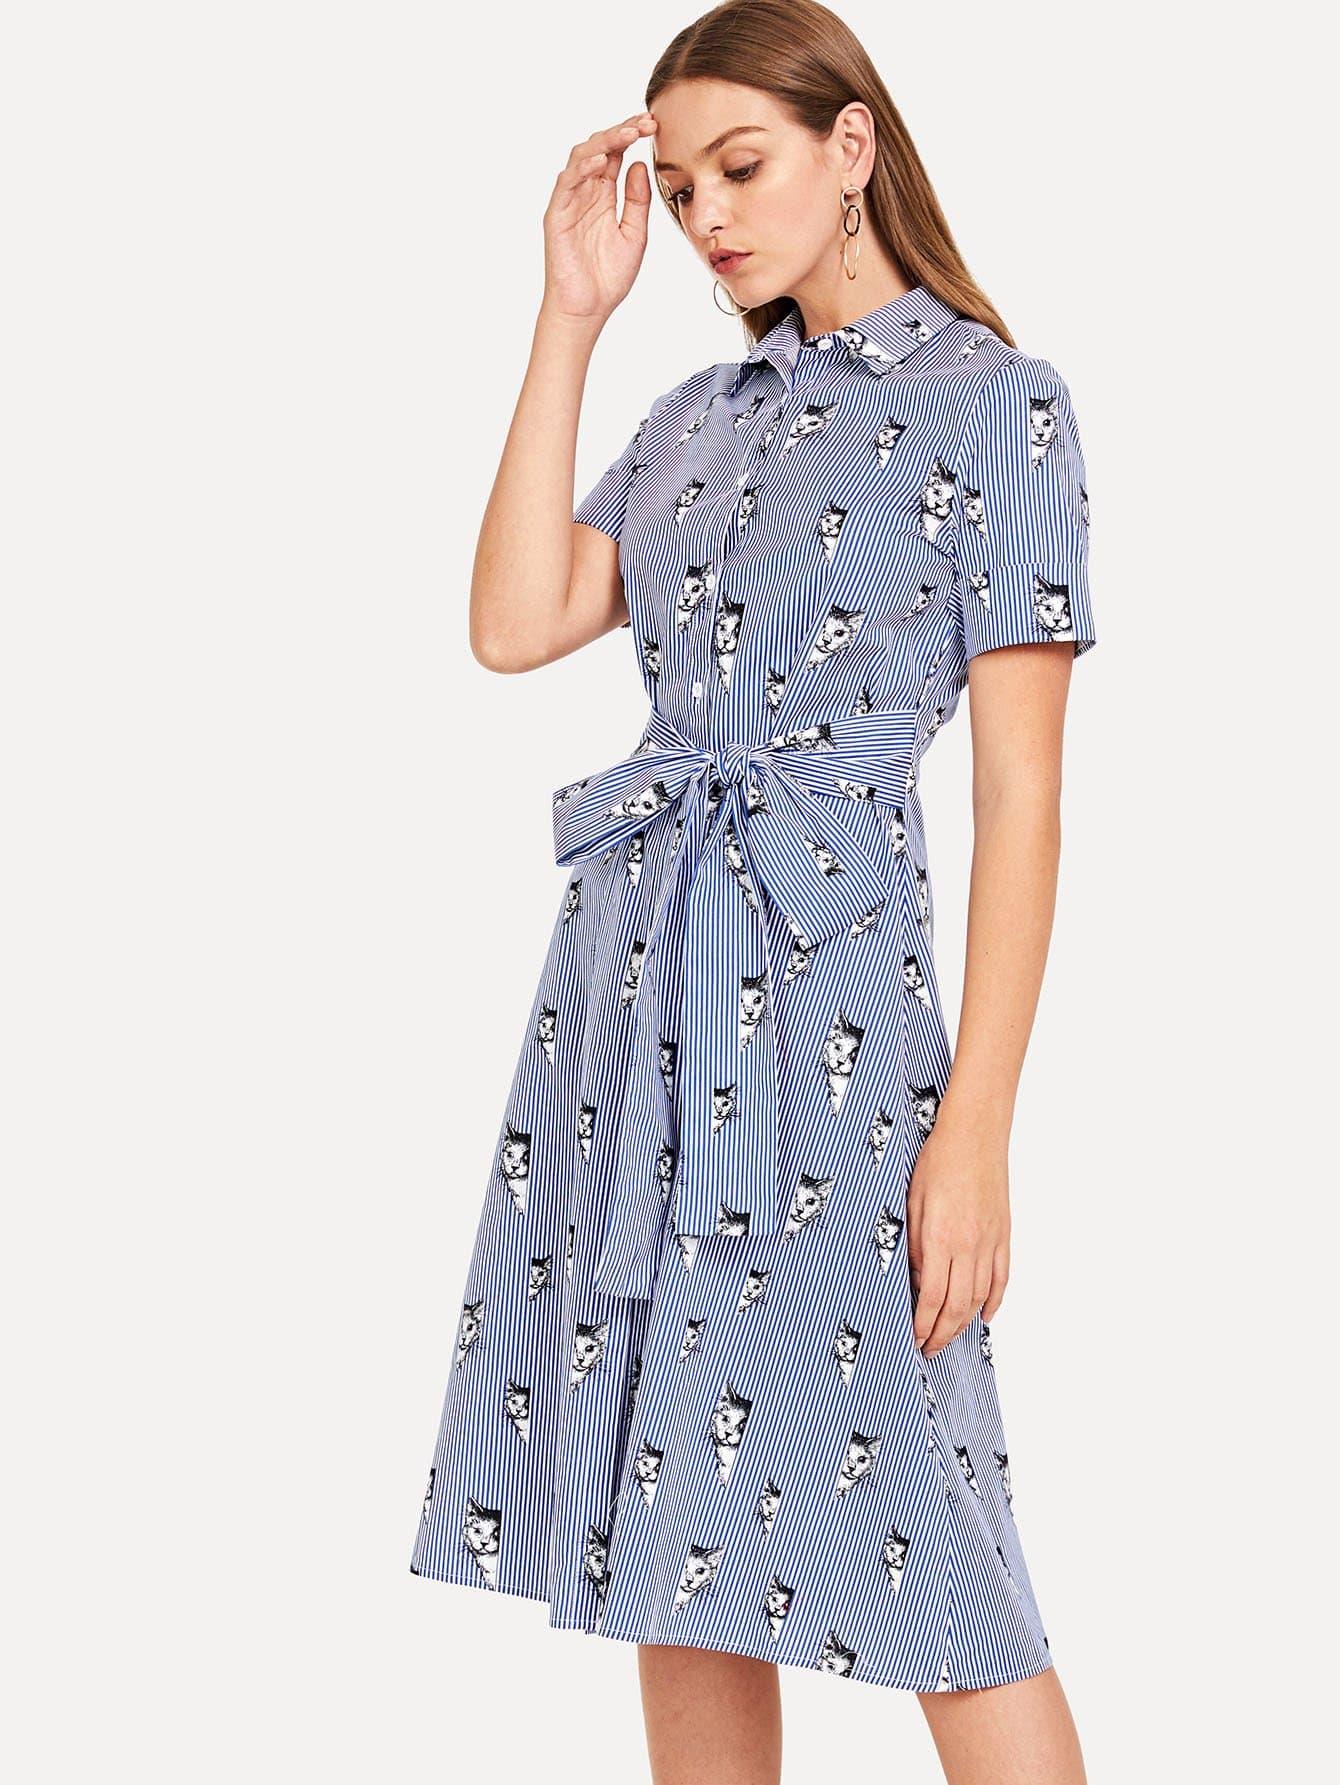 Купить Платье с рубашкой из смешанной печати, Luiza, SheIn